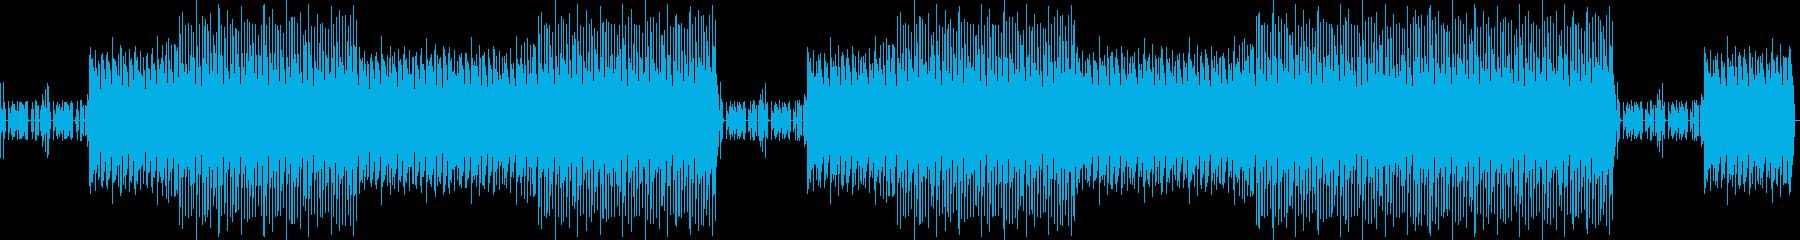 ゲームがスタートするような曲の再生済みの波形